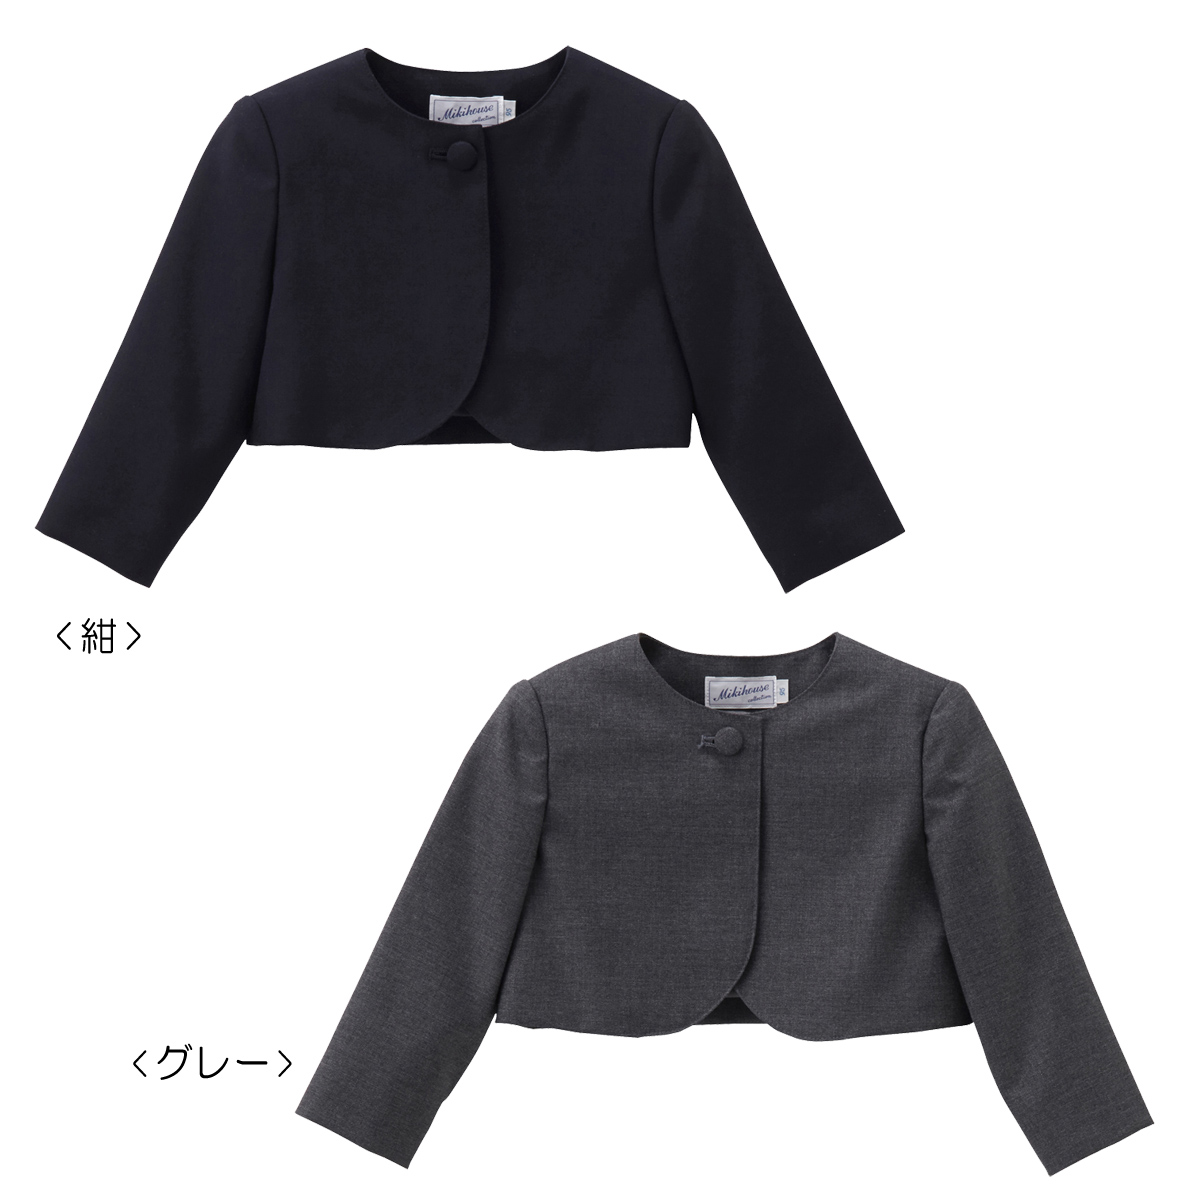 ミキハウス mikihouse 【面接】ウール素材のボレロ(120cm・130cm) バーゲン